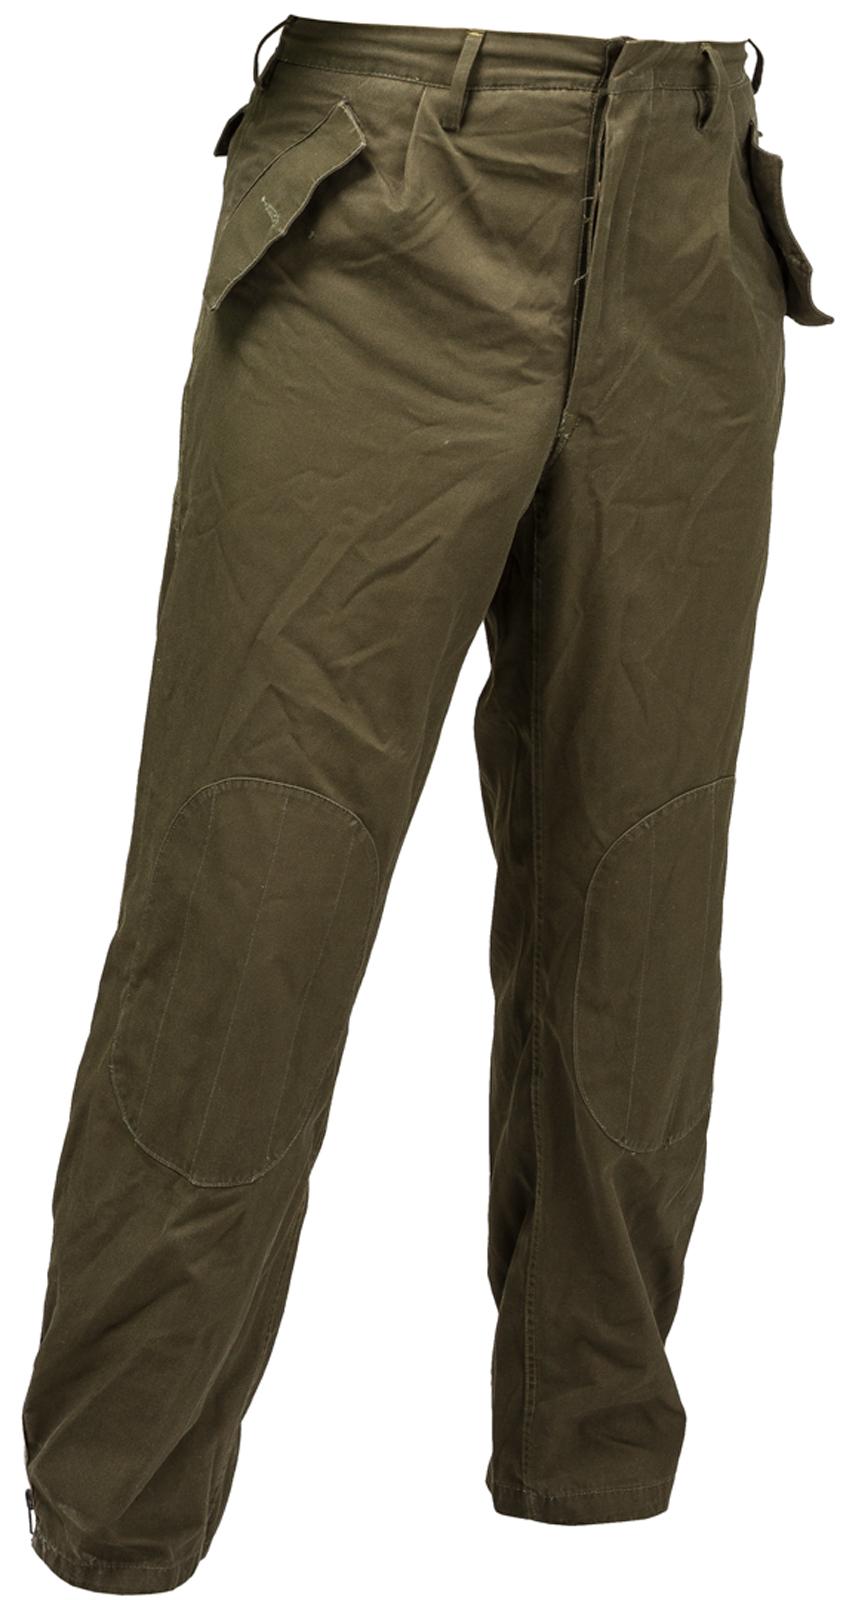 Pantalone mod 75 originale ei equipaggiamento - Diva pants recensioni ...